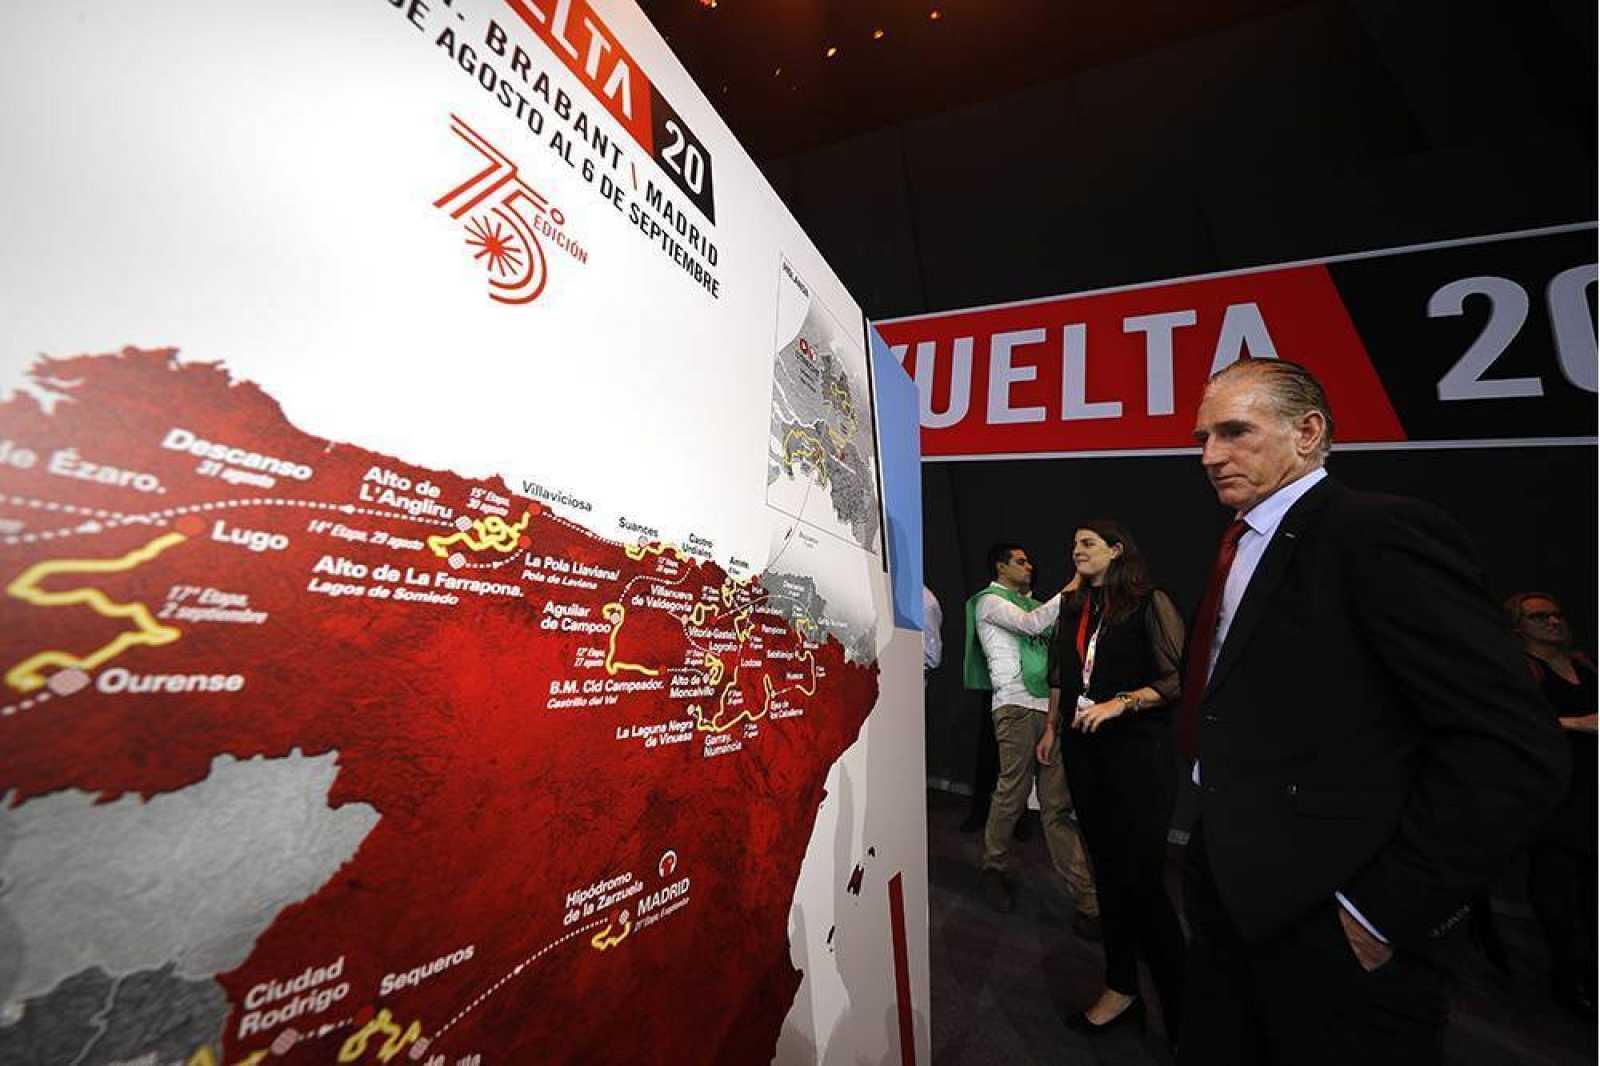 Imagen de la presentación de la Vuelta 2020.